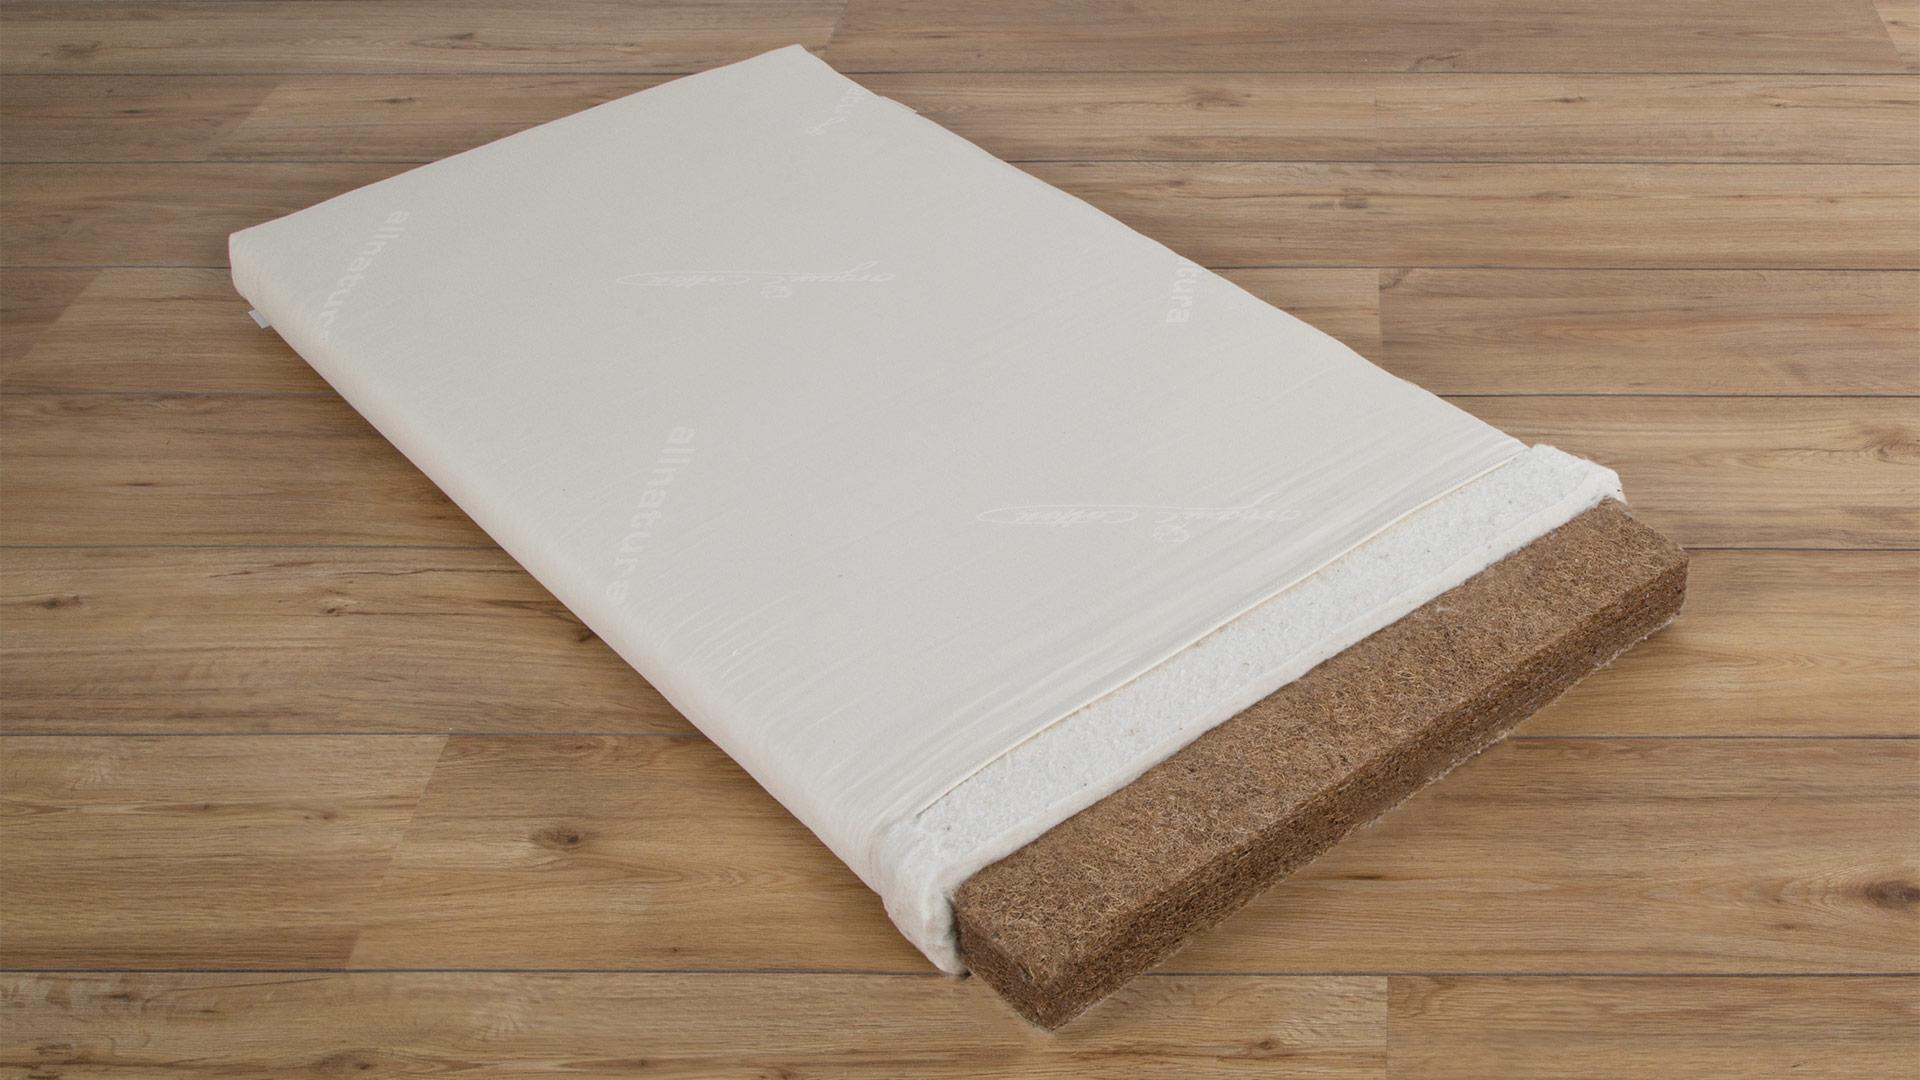 kindermatratze coco sehr gut in ko test 4 2012. Black Bedroom Furniture Sets. Home Design Ideas